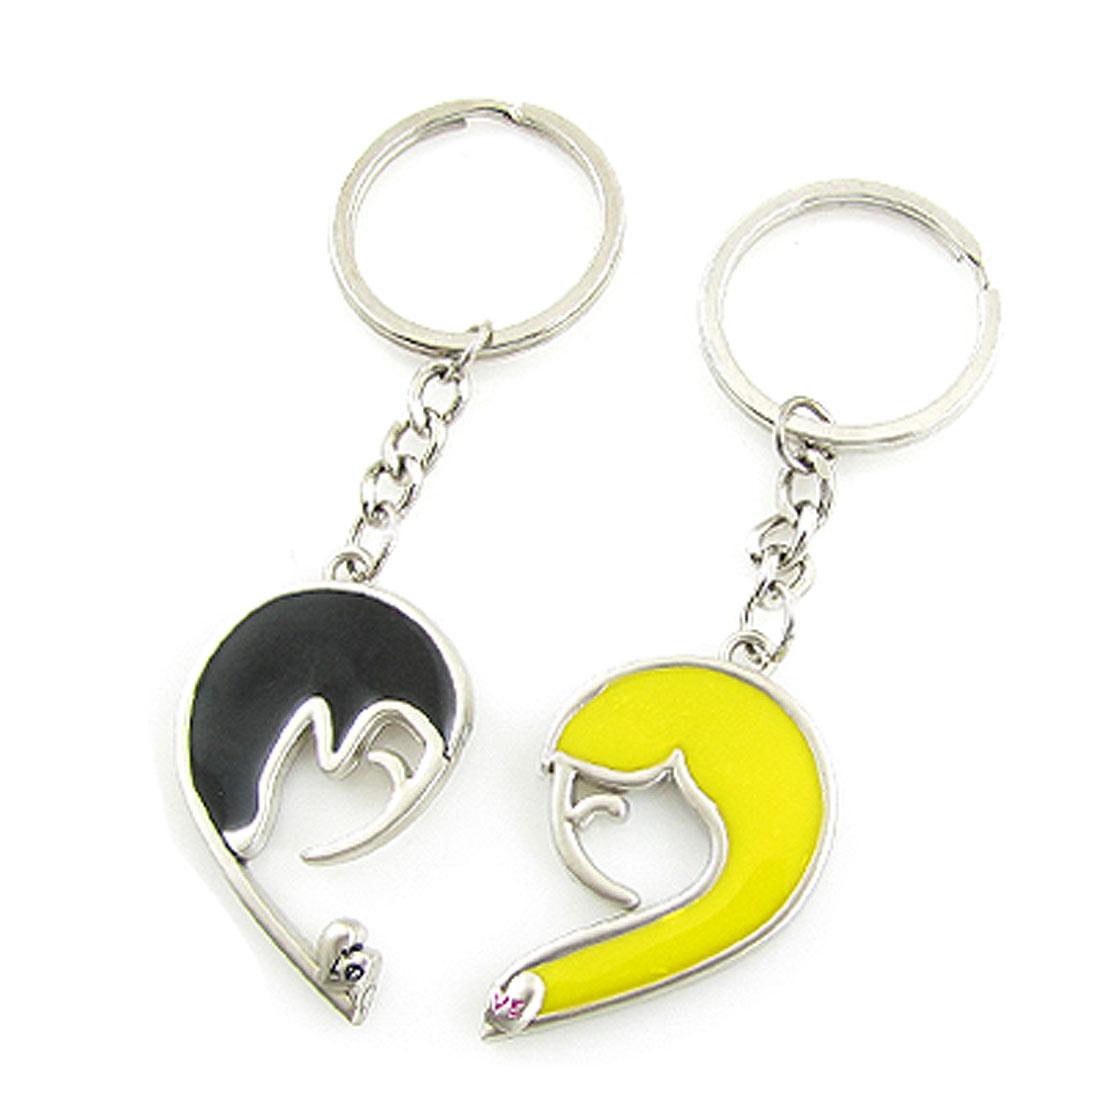 Couple Keychain Key Ring Human Shape Magnetised Pendant Black Yellow 2 Pcs